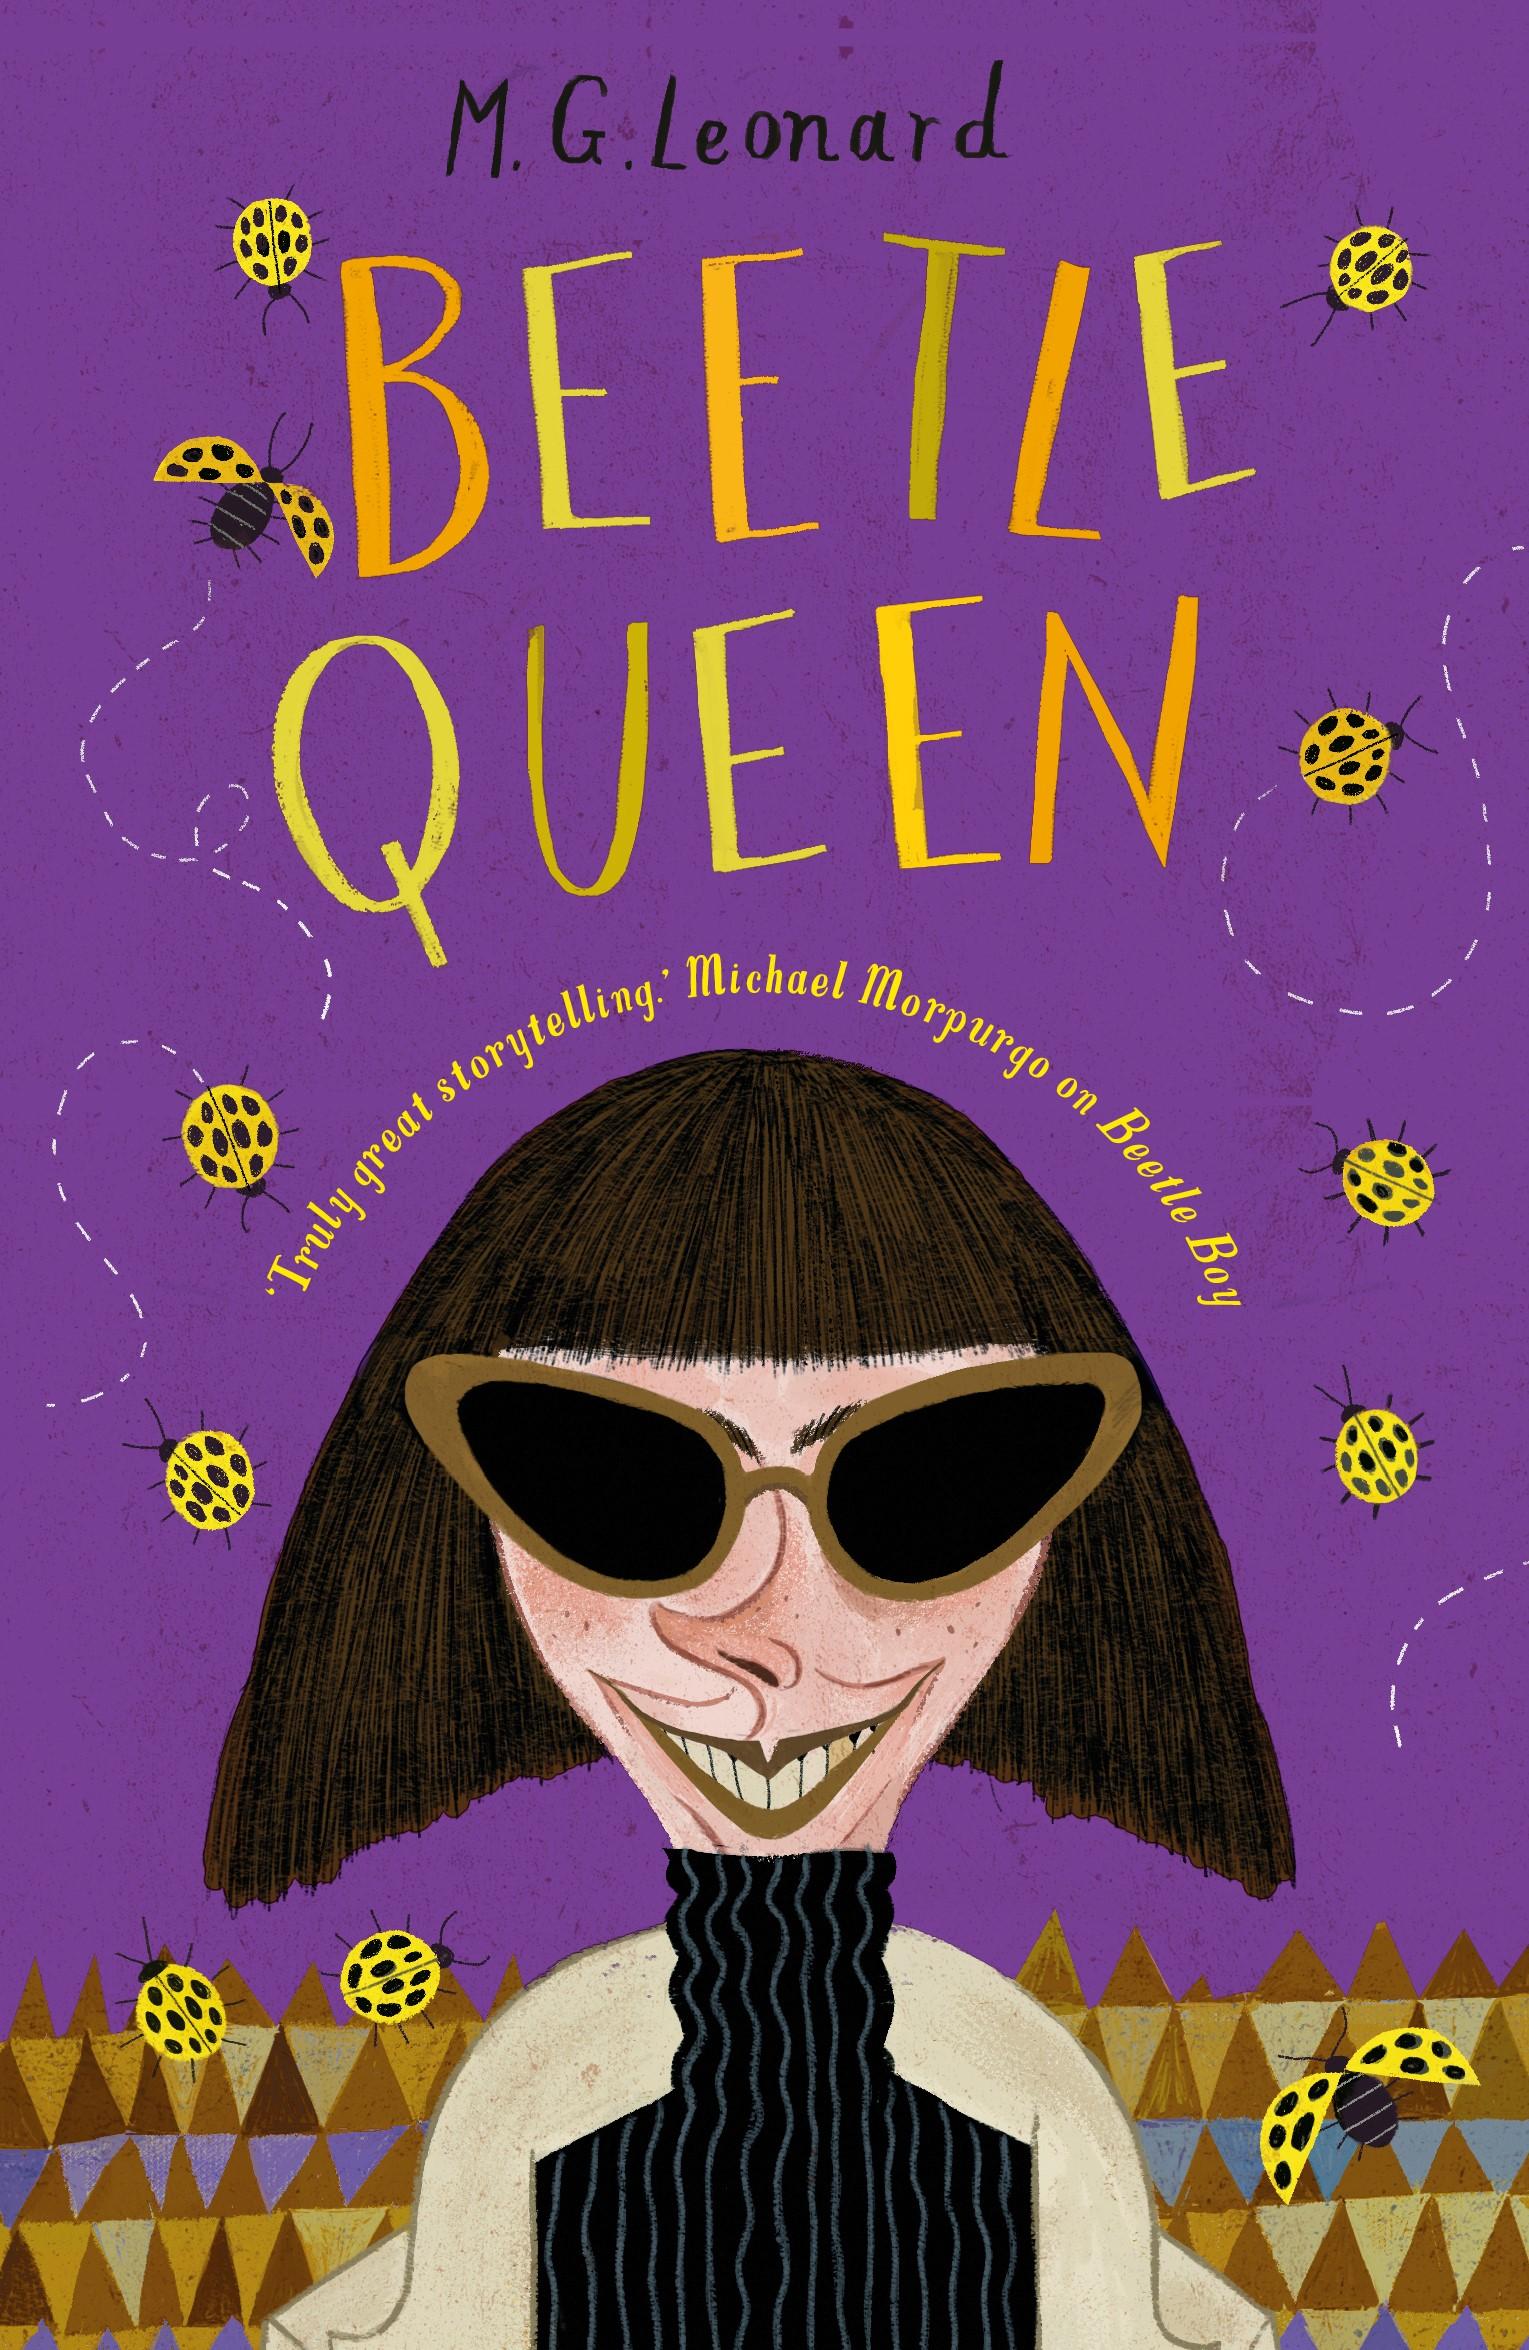 Beetle-Queen-new.jpg